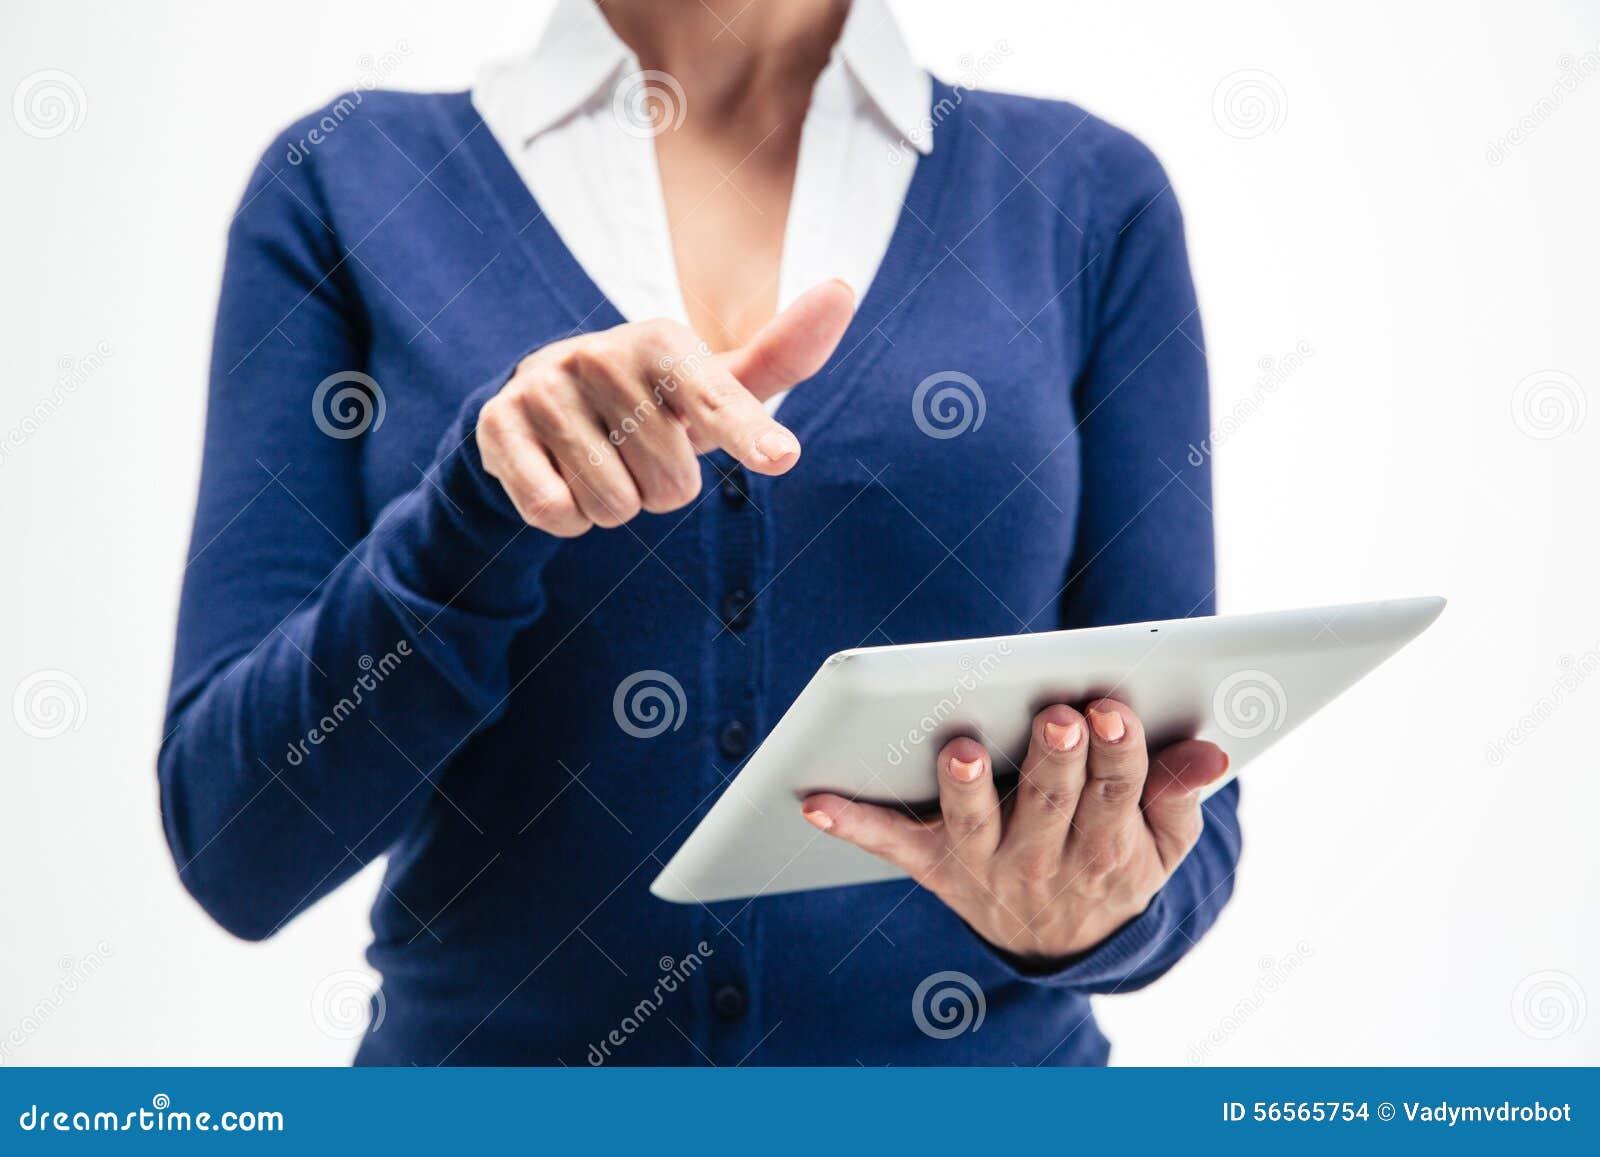 Download Θηλυκά χέρια που χρησιμοποιούν τον υπολογιστή ταμπλετών Στοκ Εικόνες - εικόνα από άσπρος, επιχείρηση: 56565754